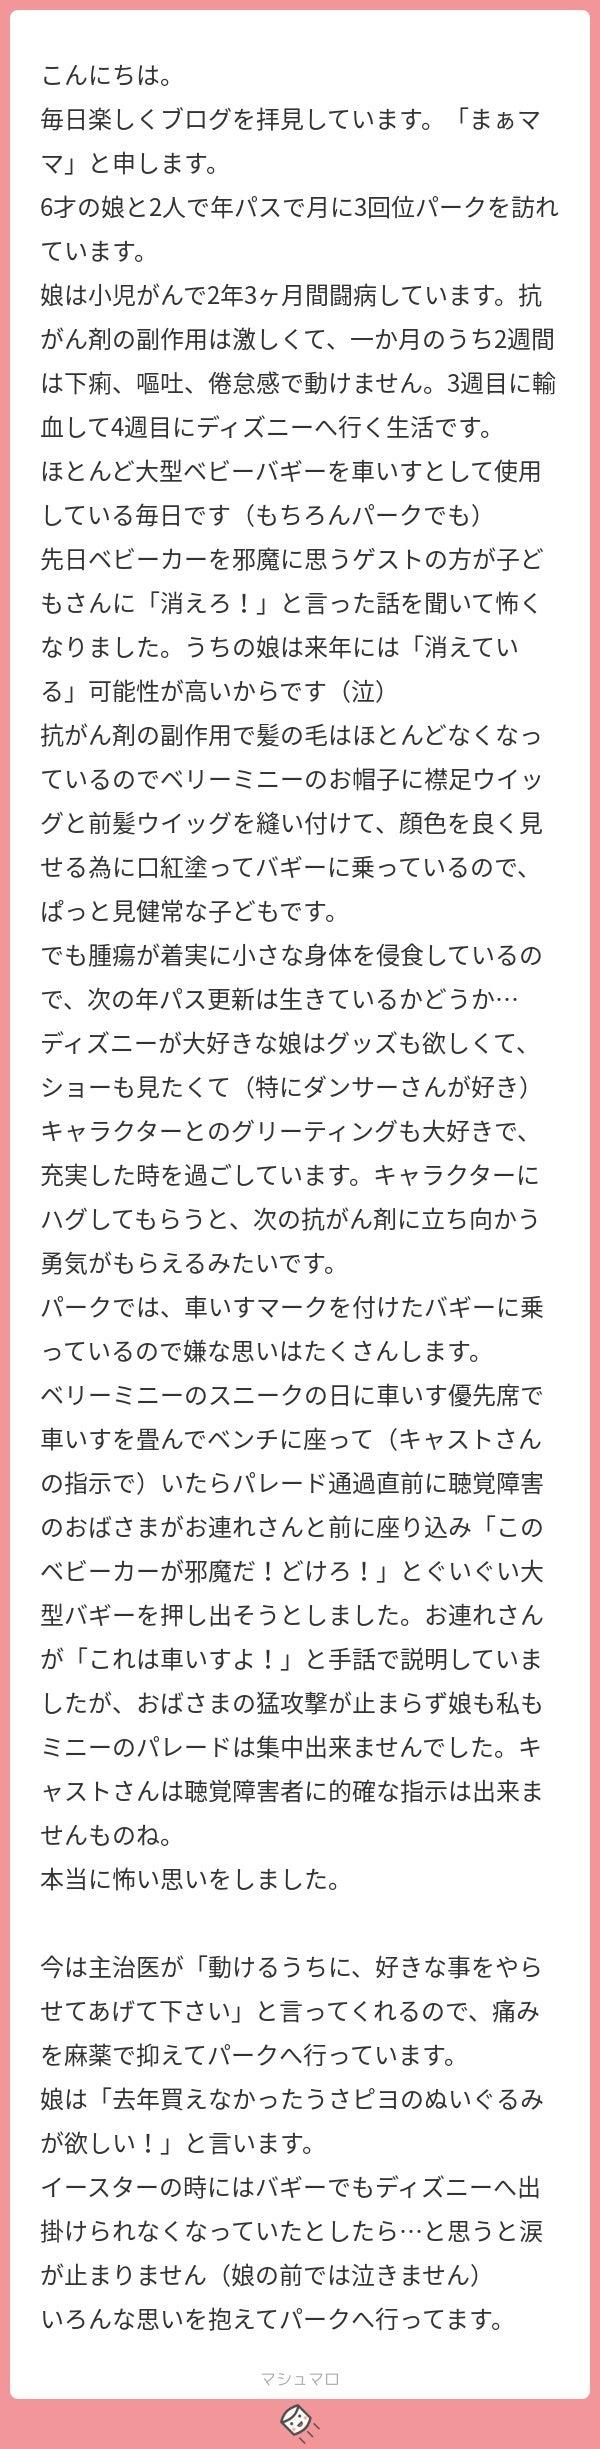 読者様【パークについて思うこと】マシュマロ随時更新 181